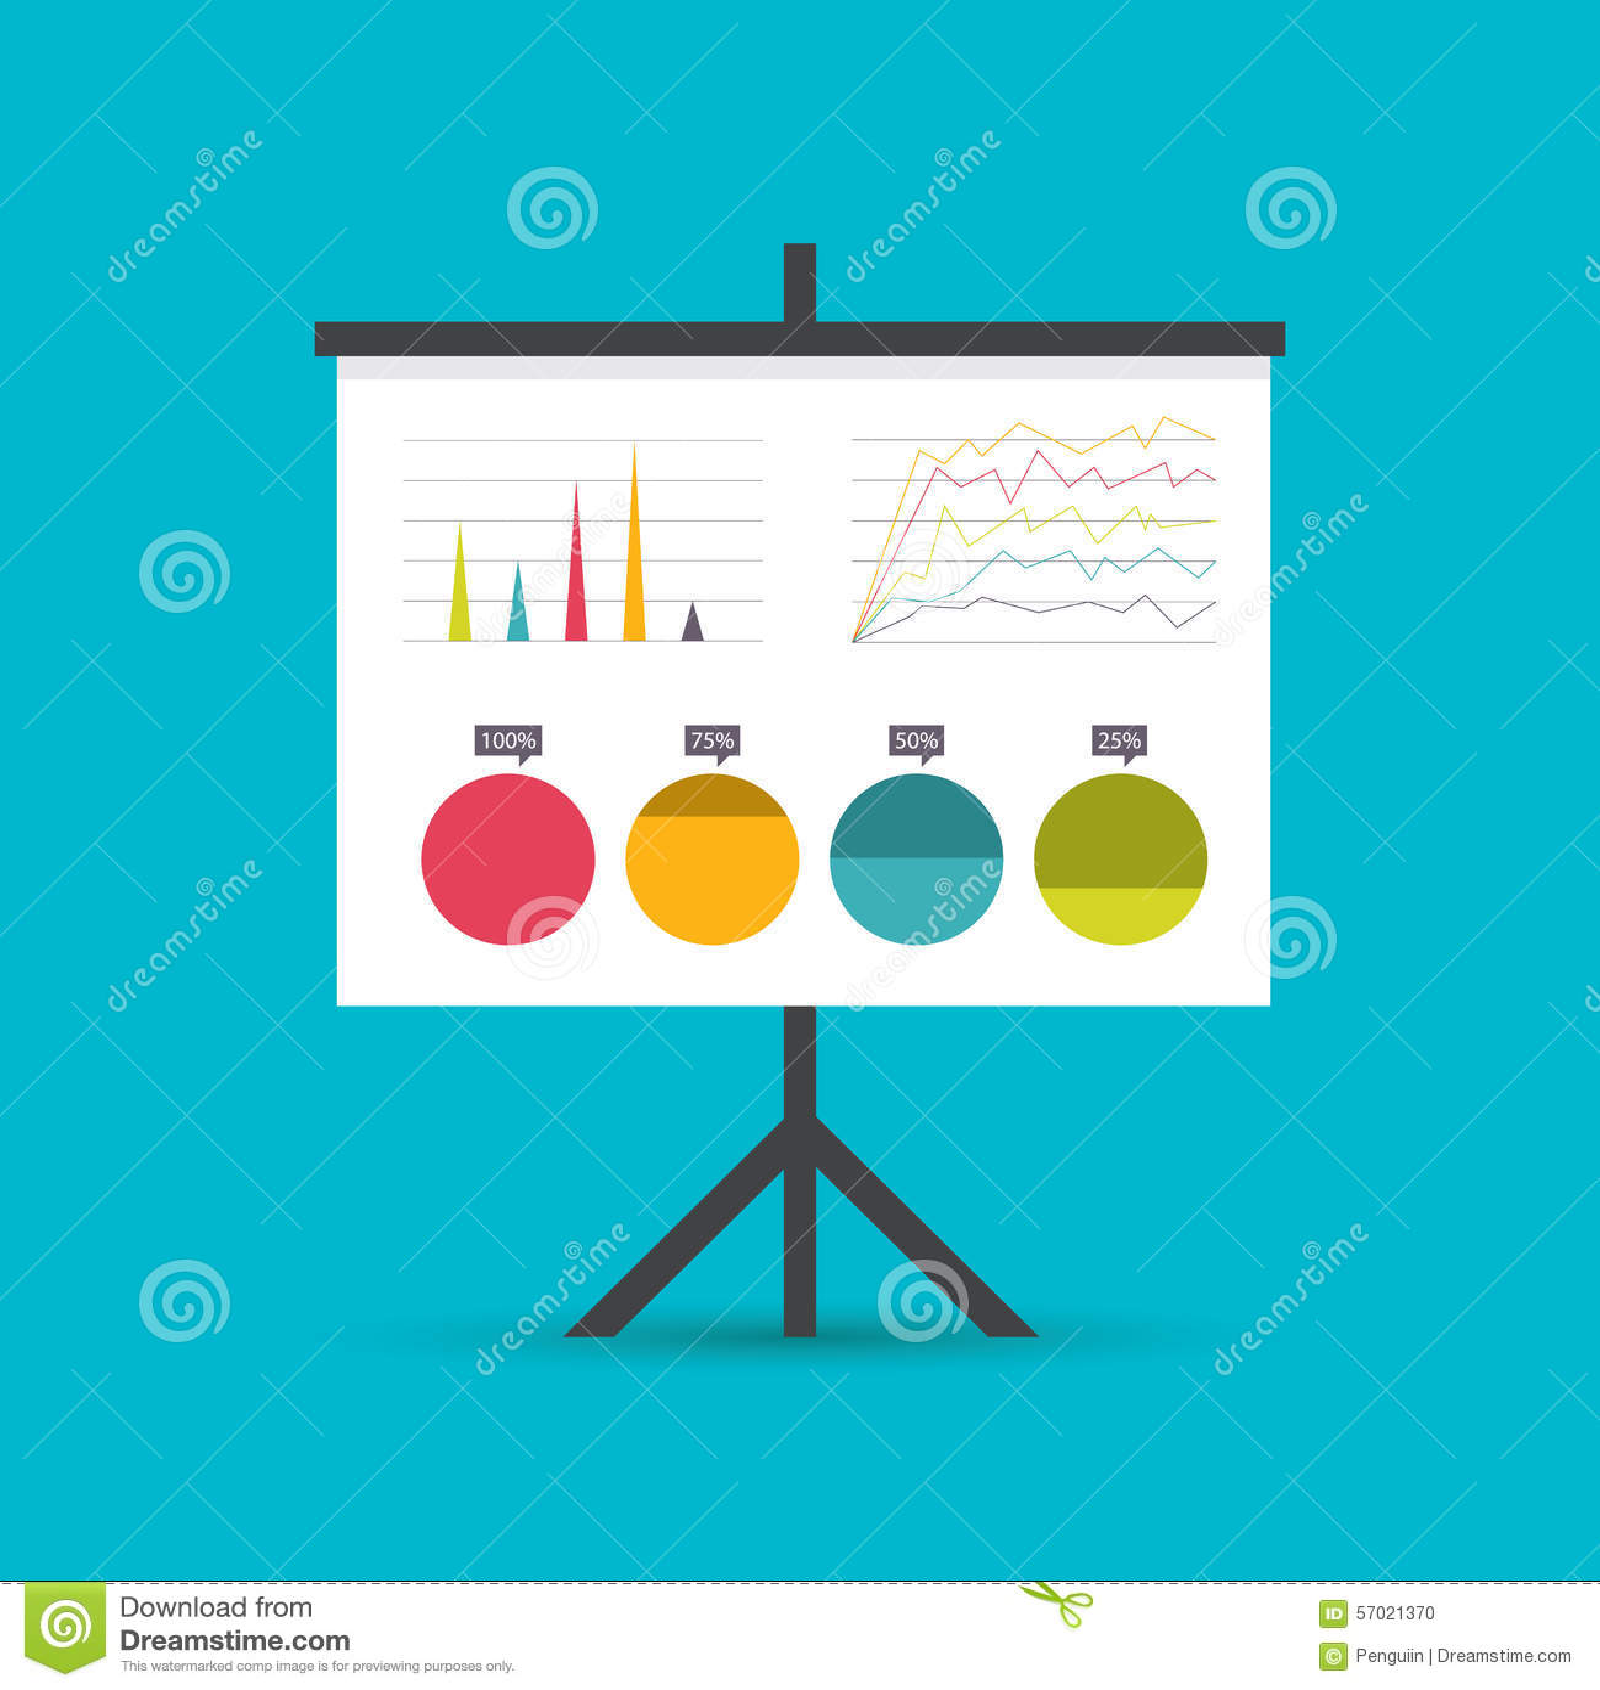 Darstellung whiteboard mit Marktdaten und -statistiken für zukünftige Werbekampagne und Geschäftsstrategien